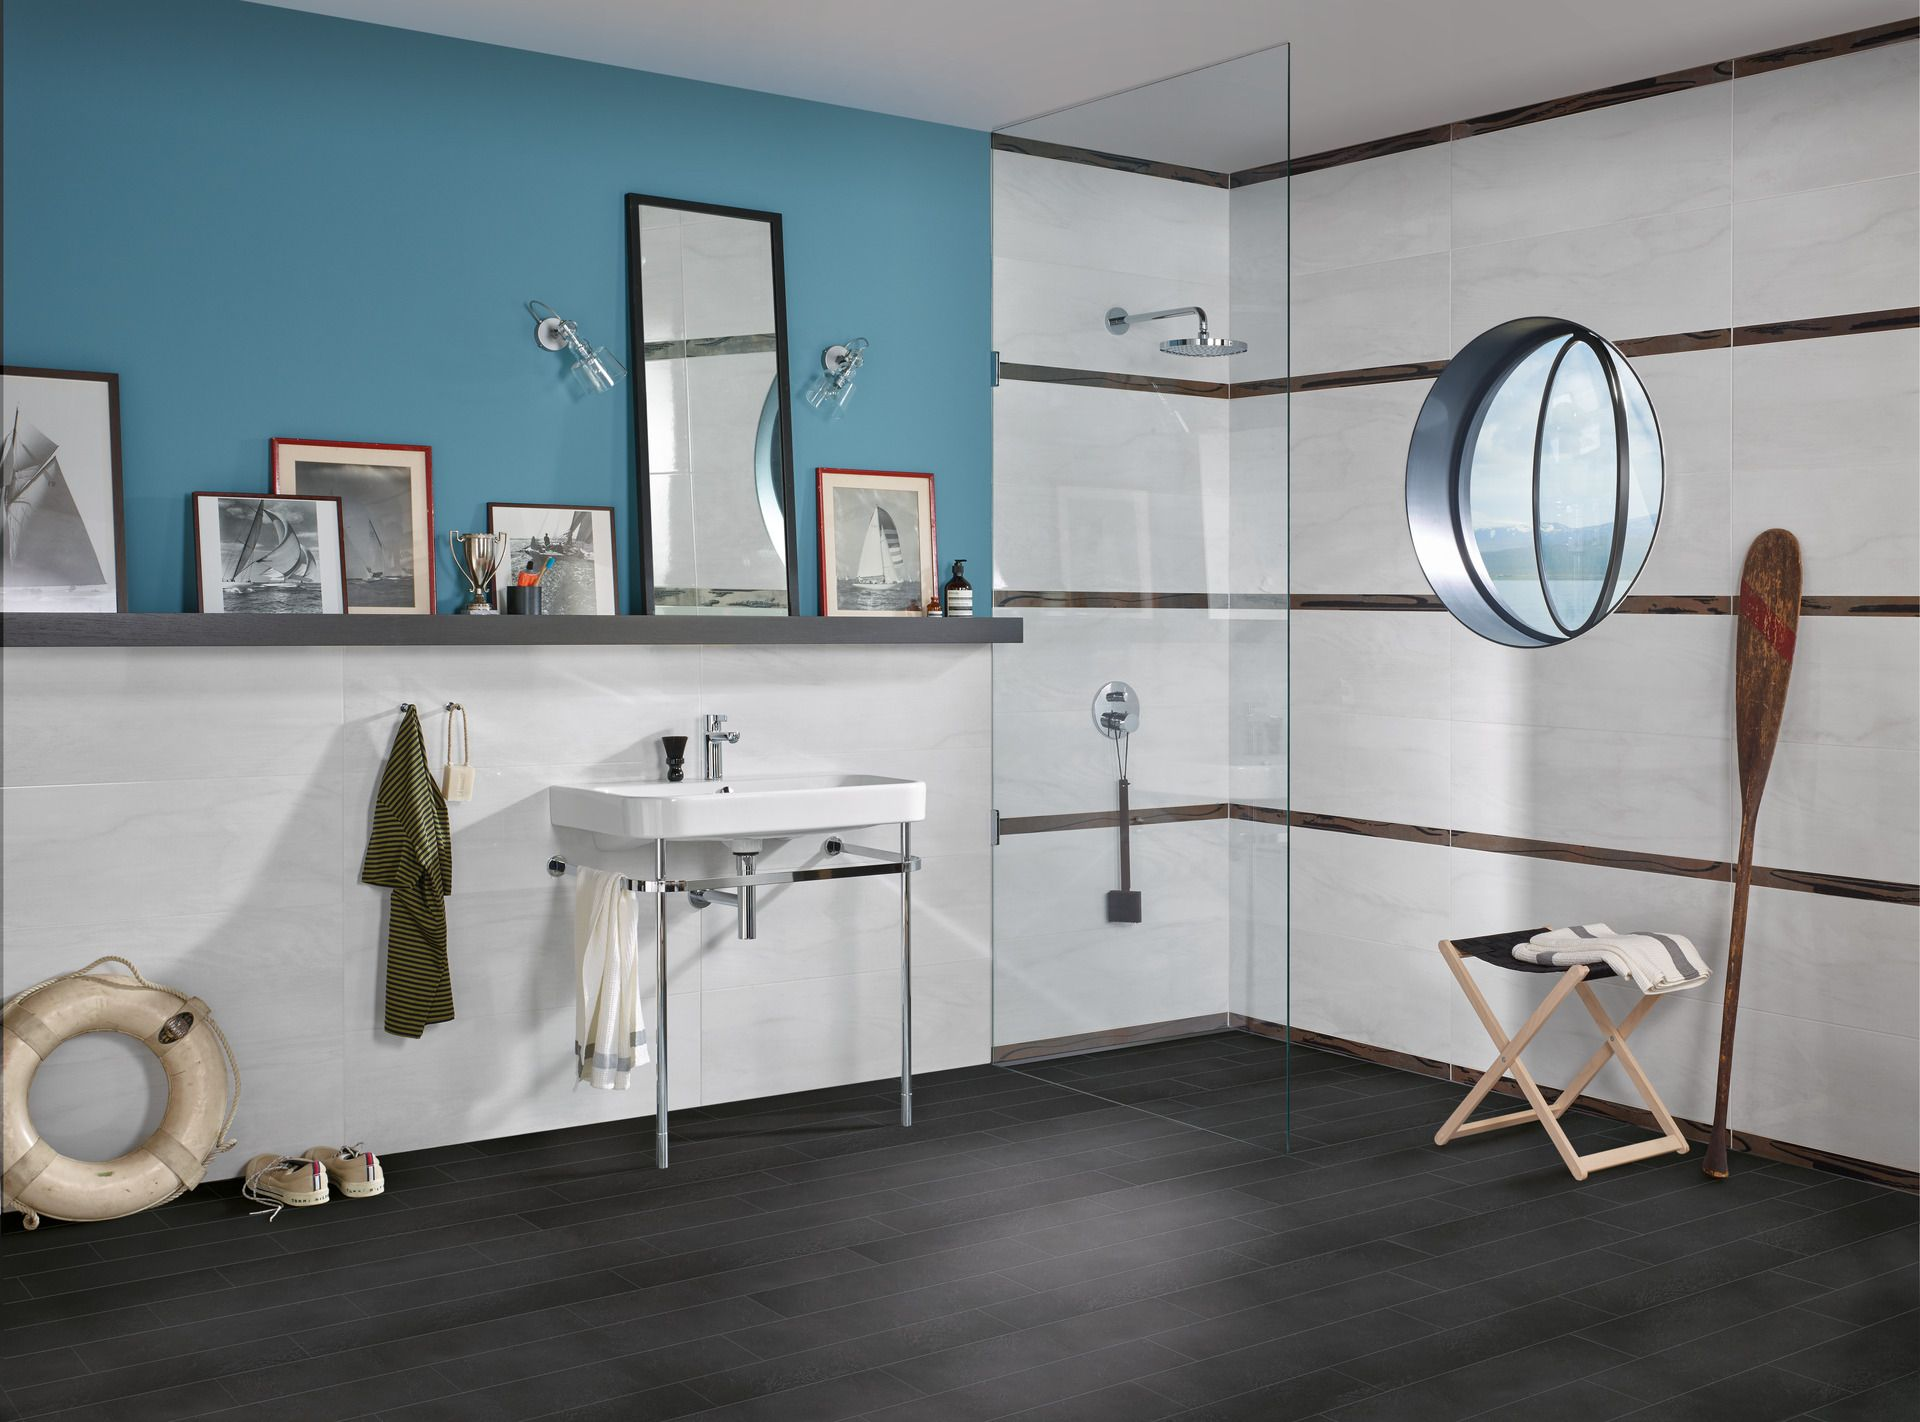 Fliesen Mit Der Hygiene Oberflache Hytect Lassen Sich Besonders Einfach Reinigen Verkalken Weniger Schnell Wirken Anti Badezimmer Gestalten Badezimmer Dusche